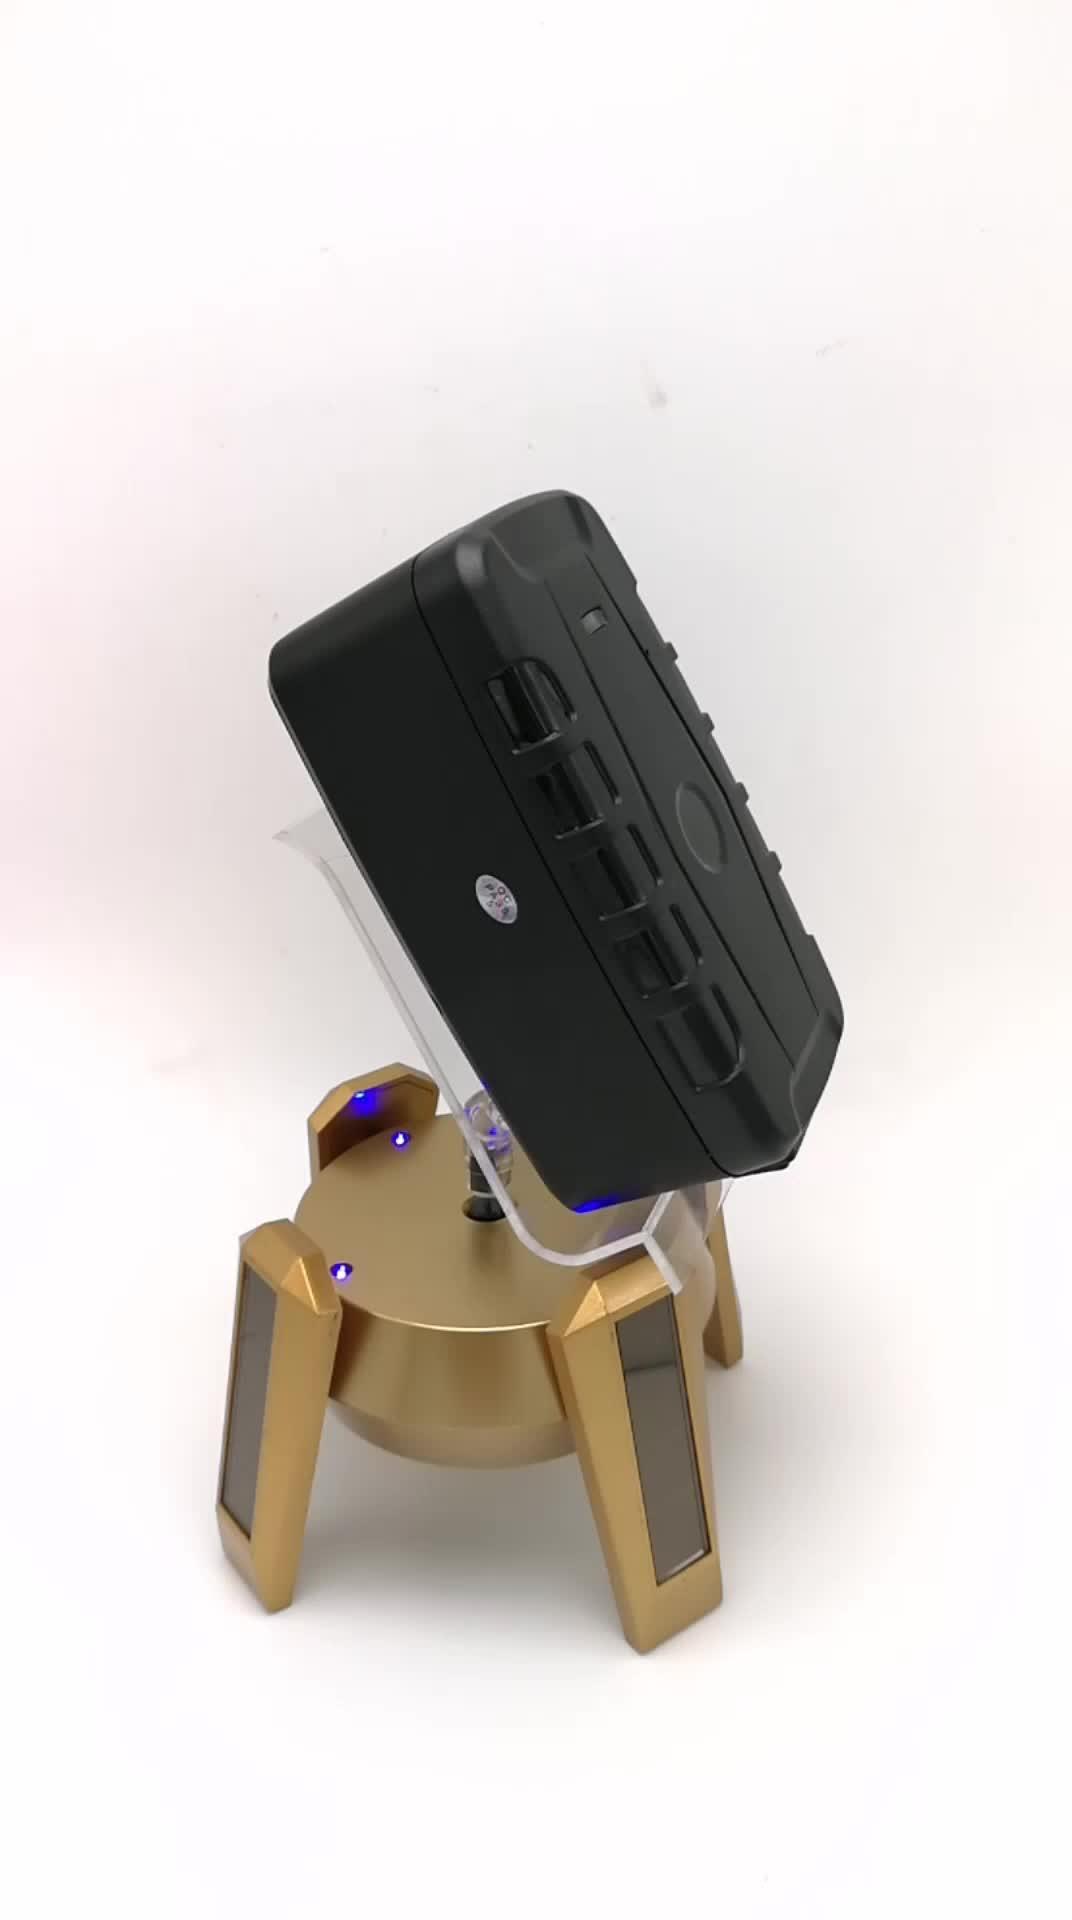 Gps de rastreamento de carros de controle remoto do dispositivo e caminhões com bateria de longa duração, suporte 3G 850 / 1900Mhz 900 / 2100Mhz